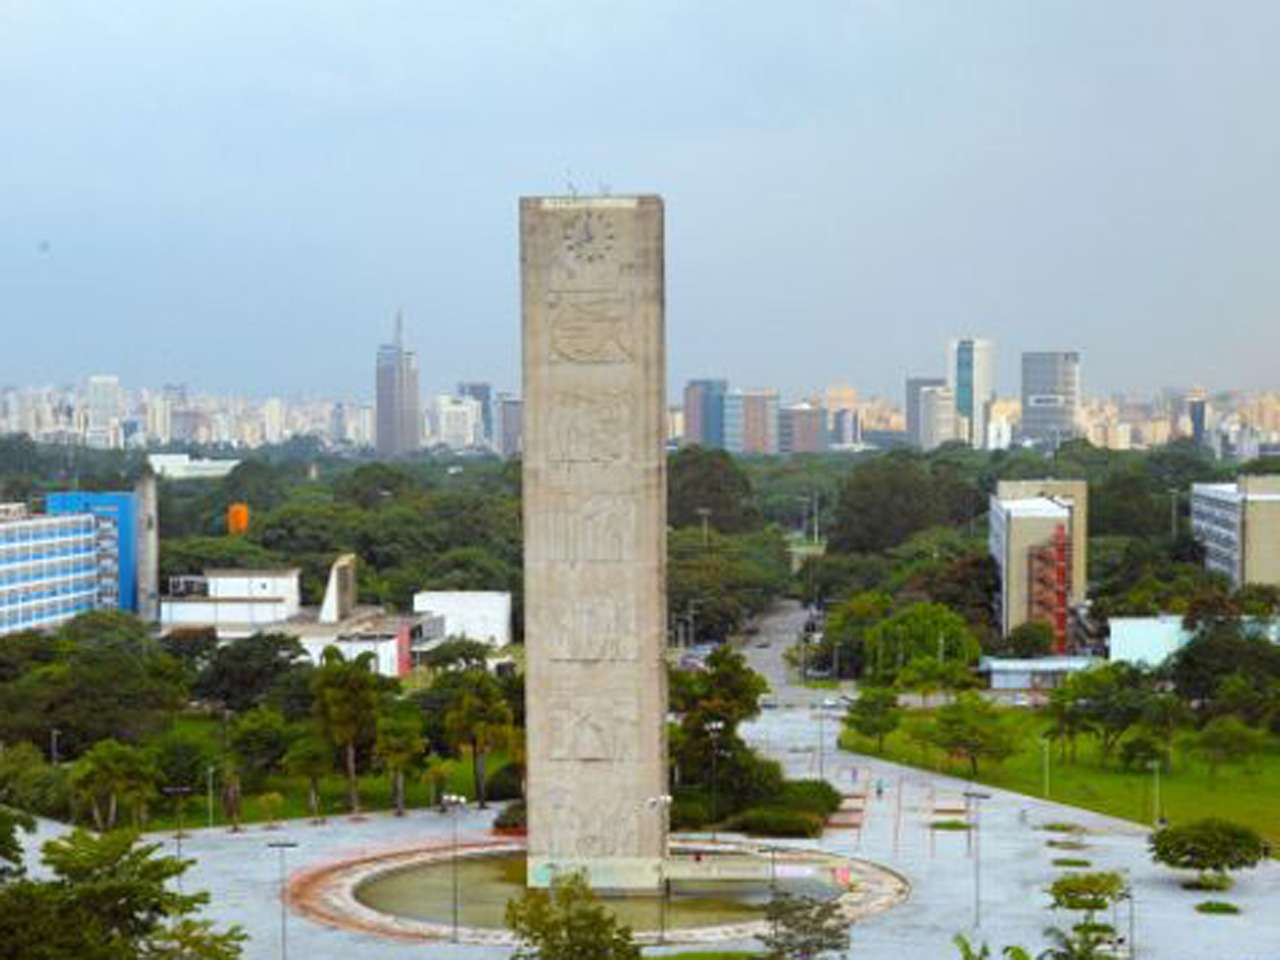 La USP es una de las universidades más prestigiosas de América Latina Foto: BBCMundo.com